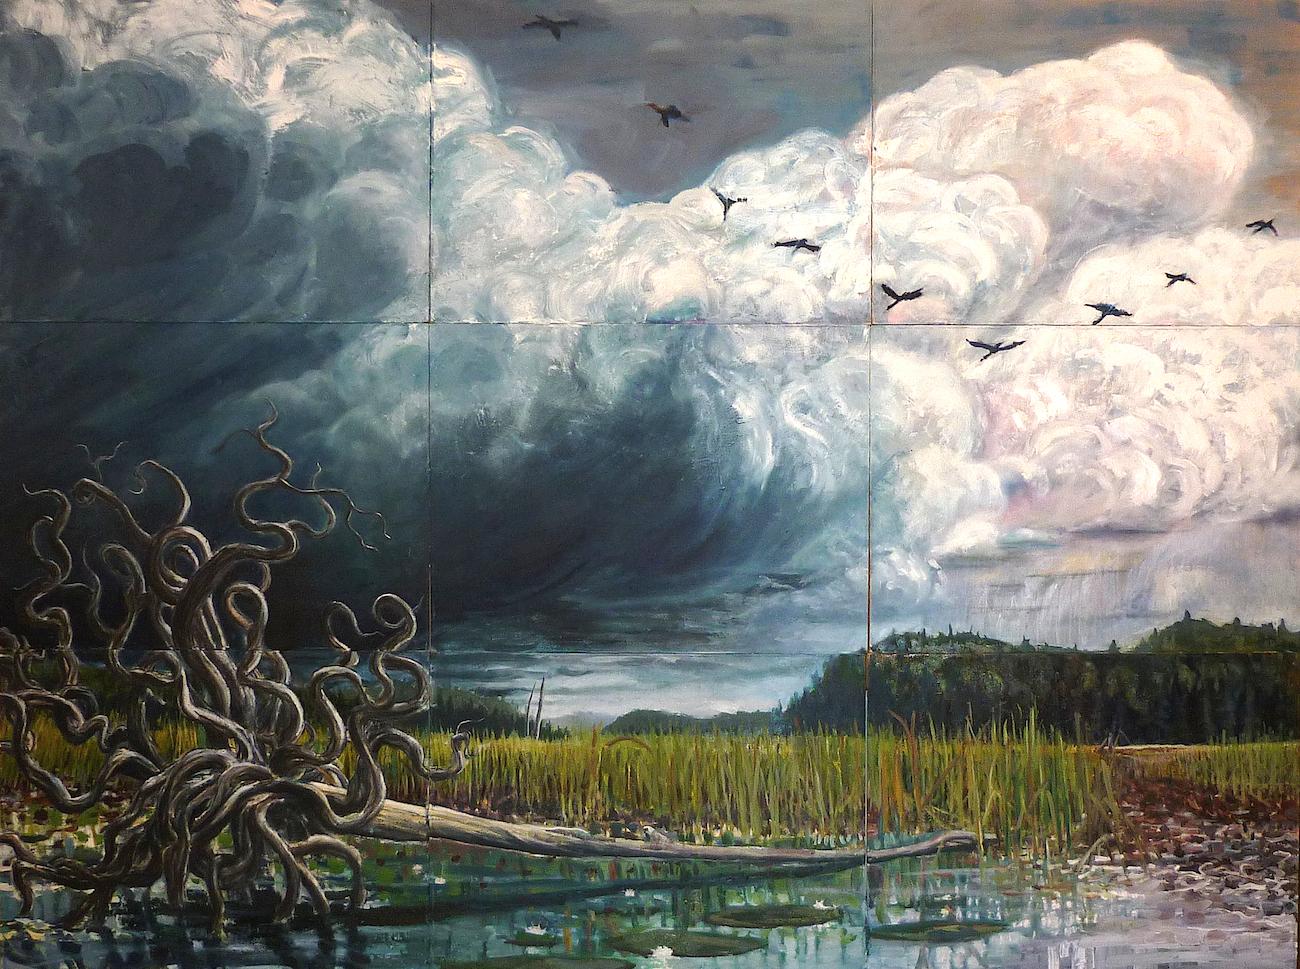 gdeerman 'Fallen Tree at the Edge of the Swamp'.jpg